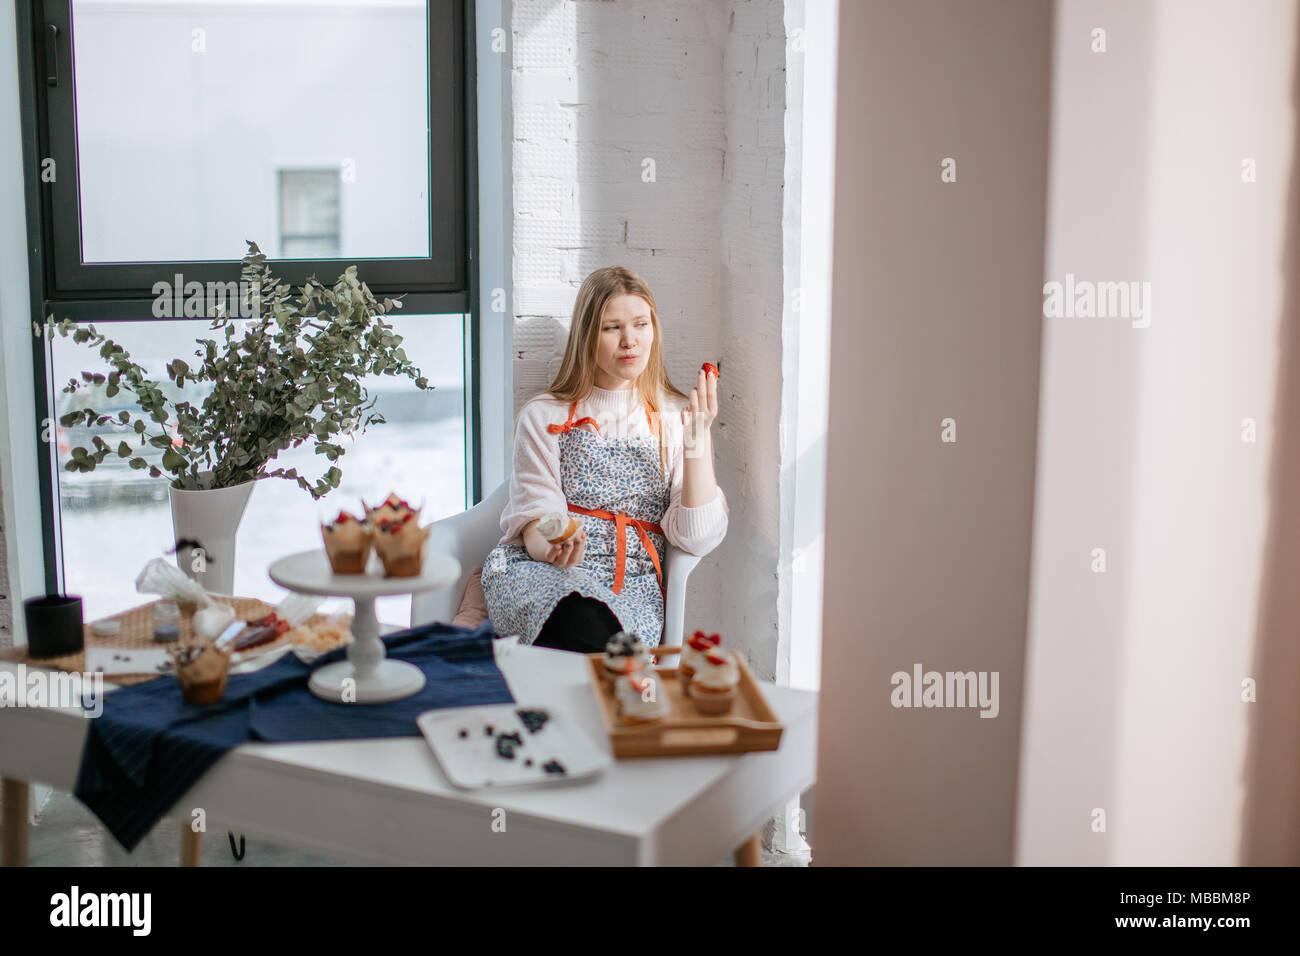 Schöne junge Frau essen Cupcake beim Sitzen in der Nähe der Fenster im Cafe Stockbild